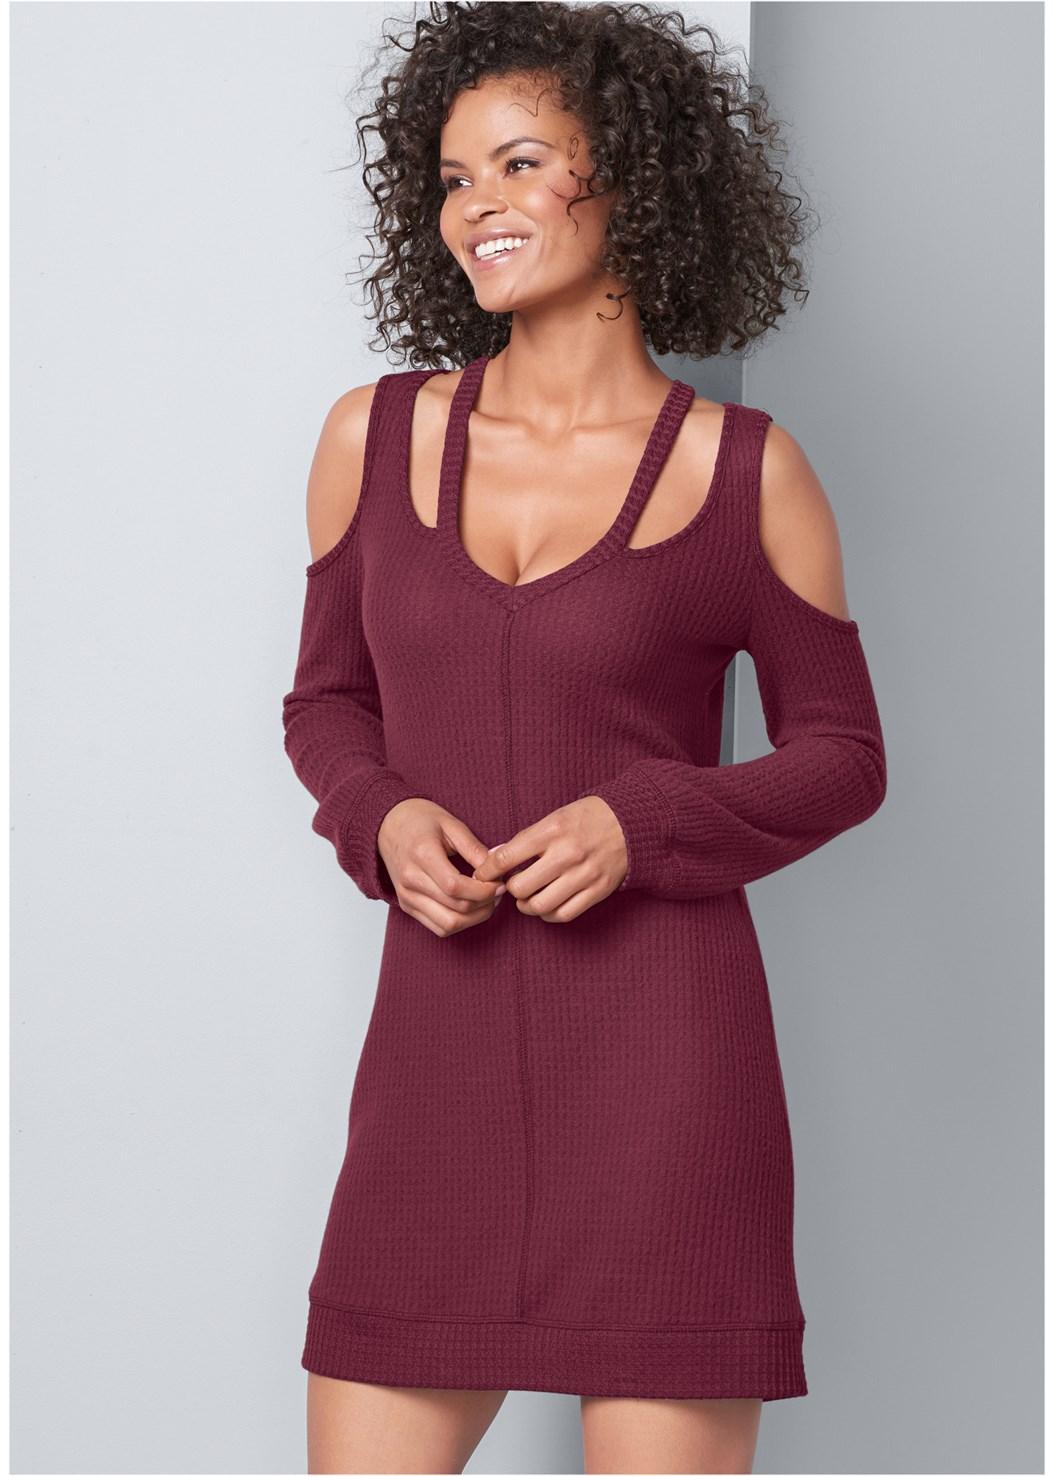 Cut Out Detail Lounge Dress,Fringe Handbag